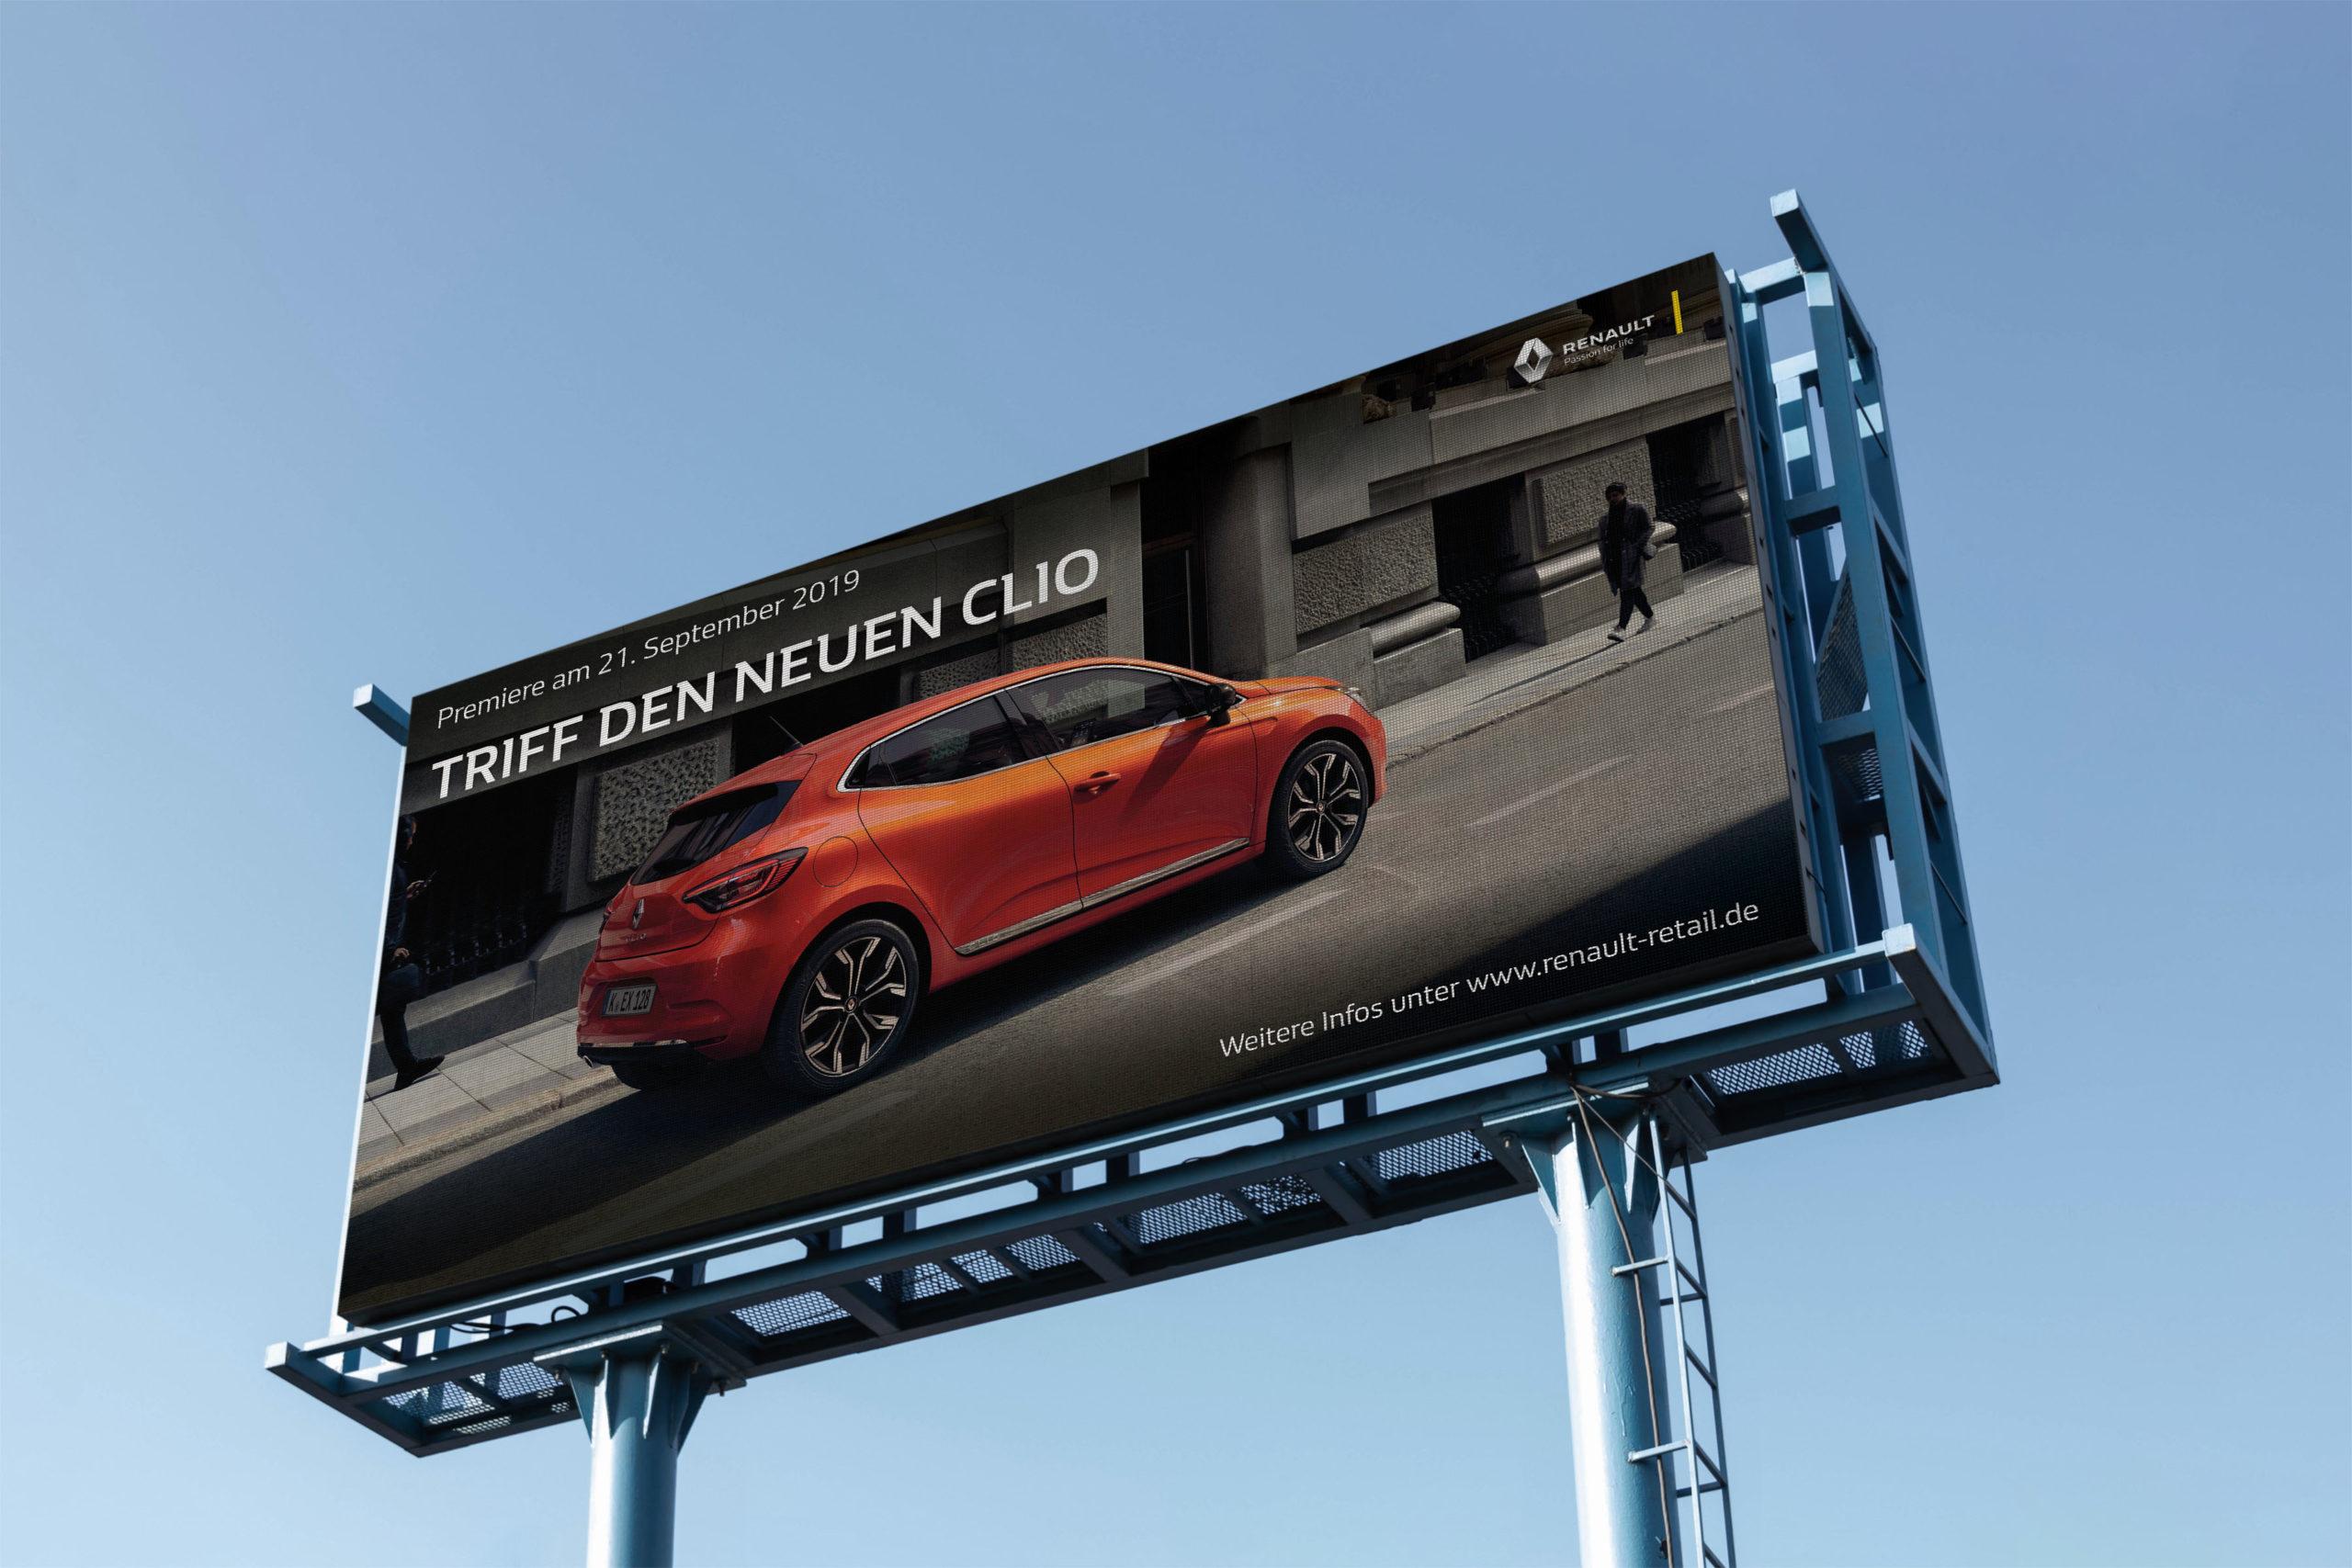 billboard_Clio